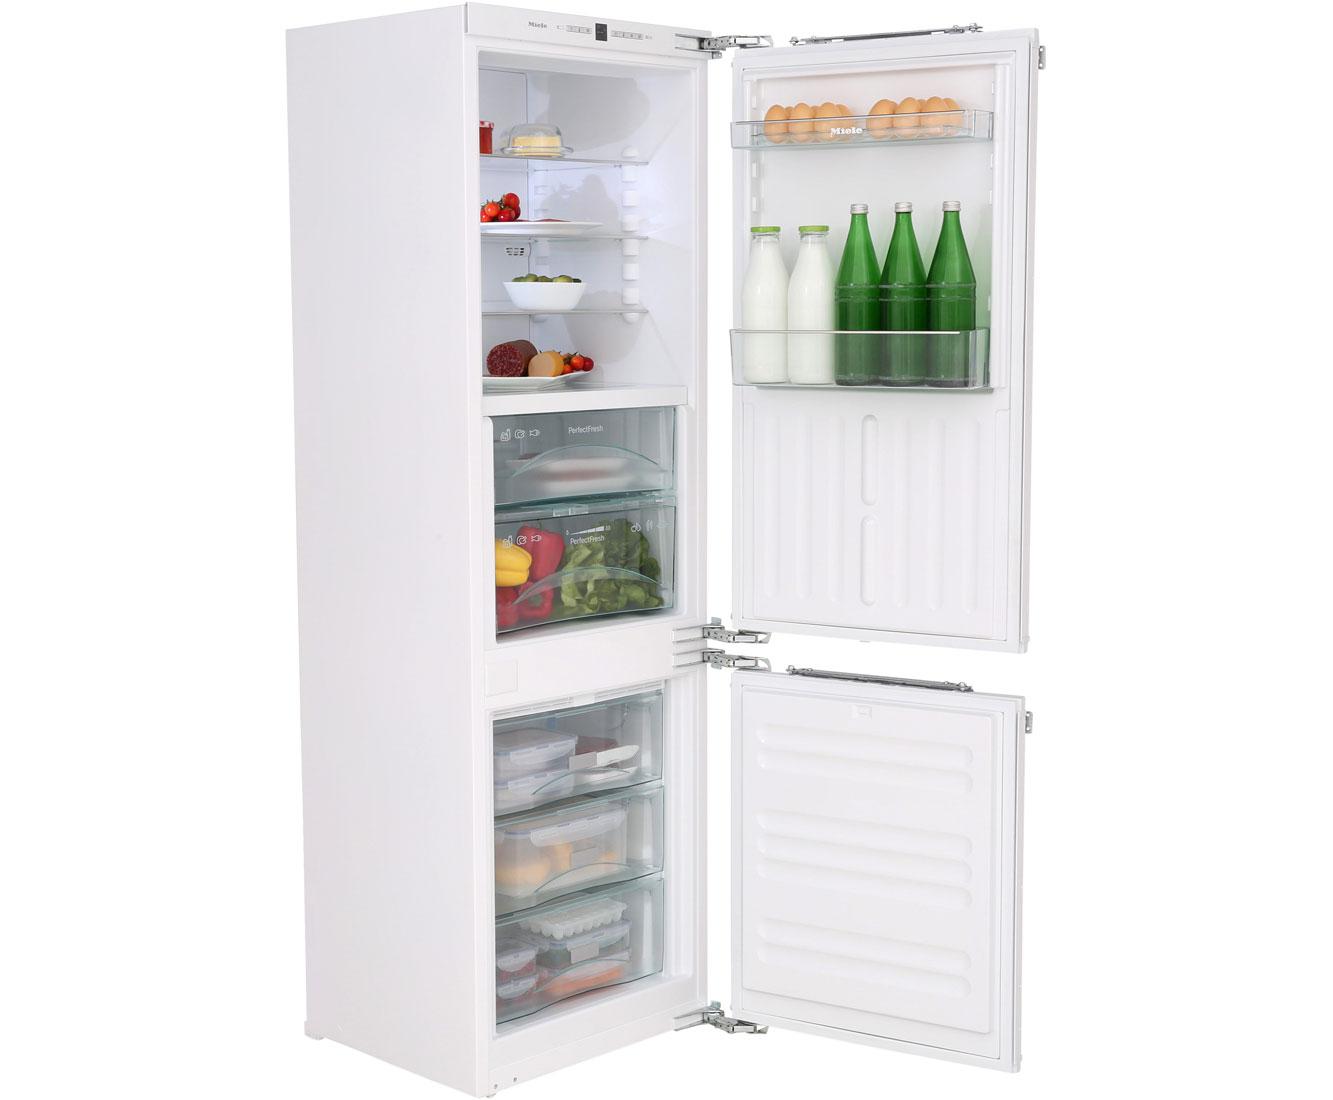 Einbaukühlgefrierkombination  Miele KFN 37282 iD Einbau-Kühl-Gefrierkombination mit No Frost mit ...